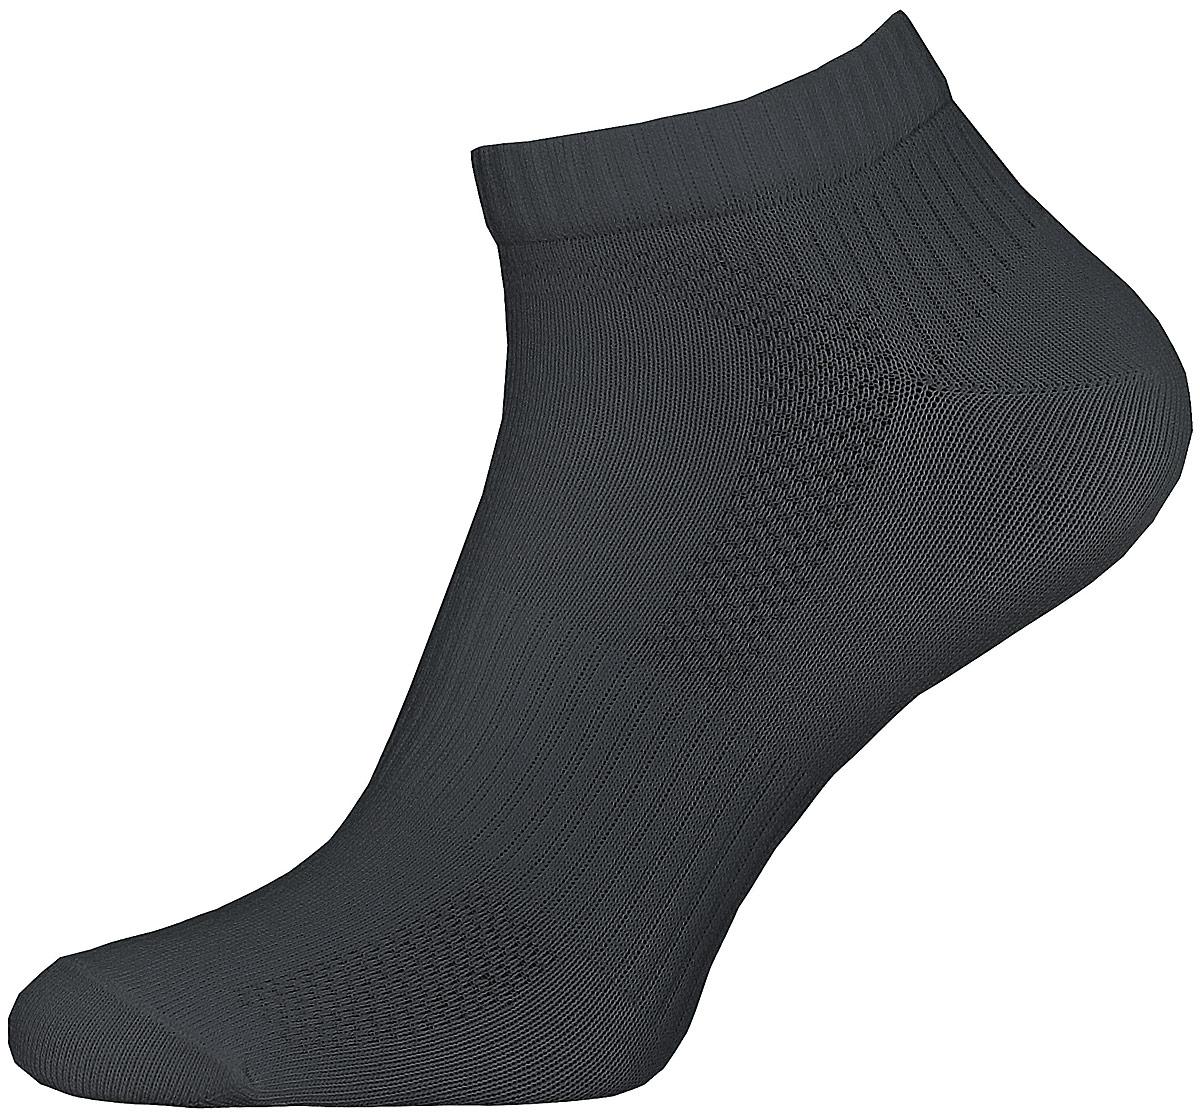 Носки14С2313/007Мужские носки Брестские Active, изготовленные из хлопка с добавлением полиэстера и эластана, идеально подойдут для занятий спортом. Укороченная модель имеет мягкую резинку с двойным бортом. Носки хорошо держат форму и обладают повышенной воздухопроницаемостью. Усиленные пятка и мысок обеспечивают надежность и долговечность.